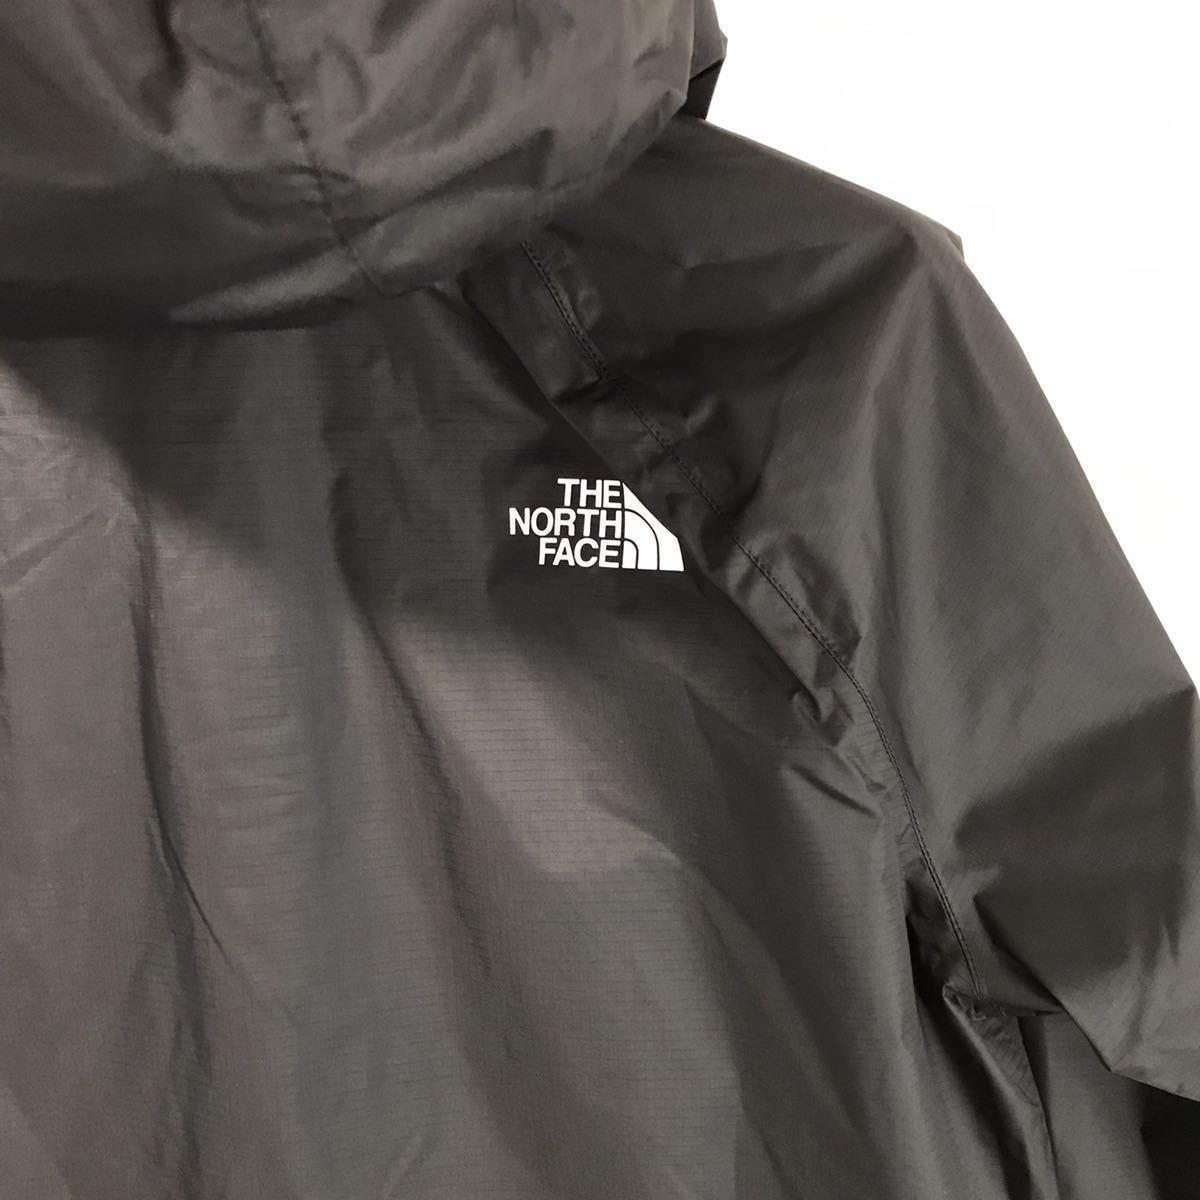 ラスト① 新品未使用 ブラック×ホワイトロゴ The North Face (メンズM)【ボレアルジャケット】マウンテンパーカー 人気 US正規品 ナイロン_画像9